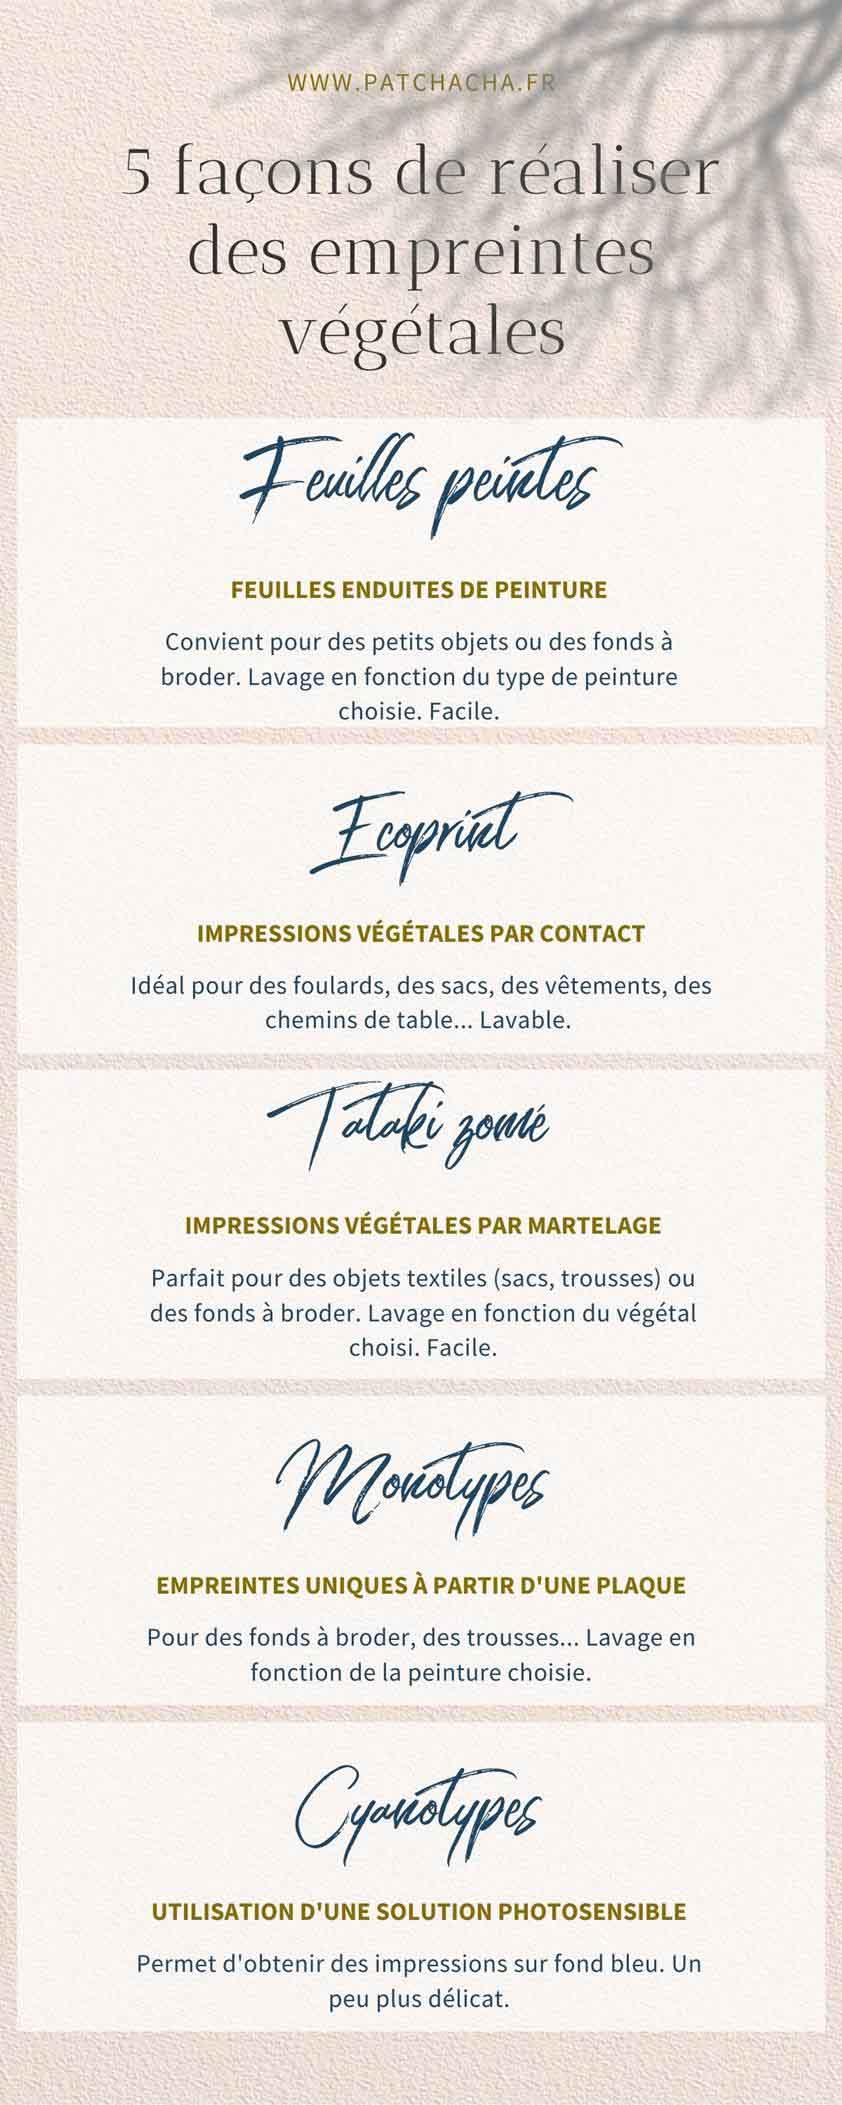 infographie empreintes végétales